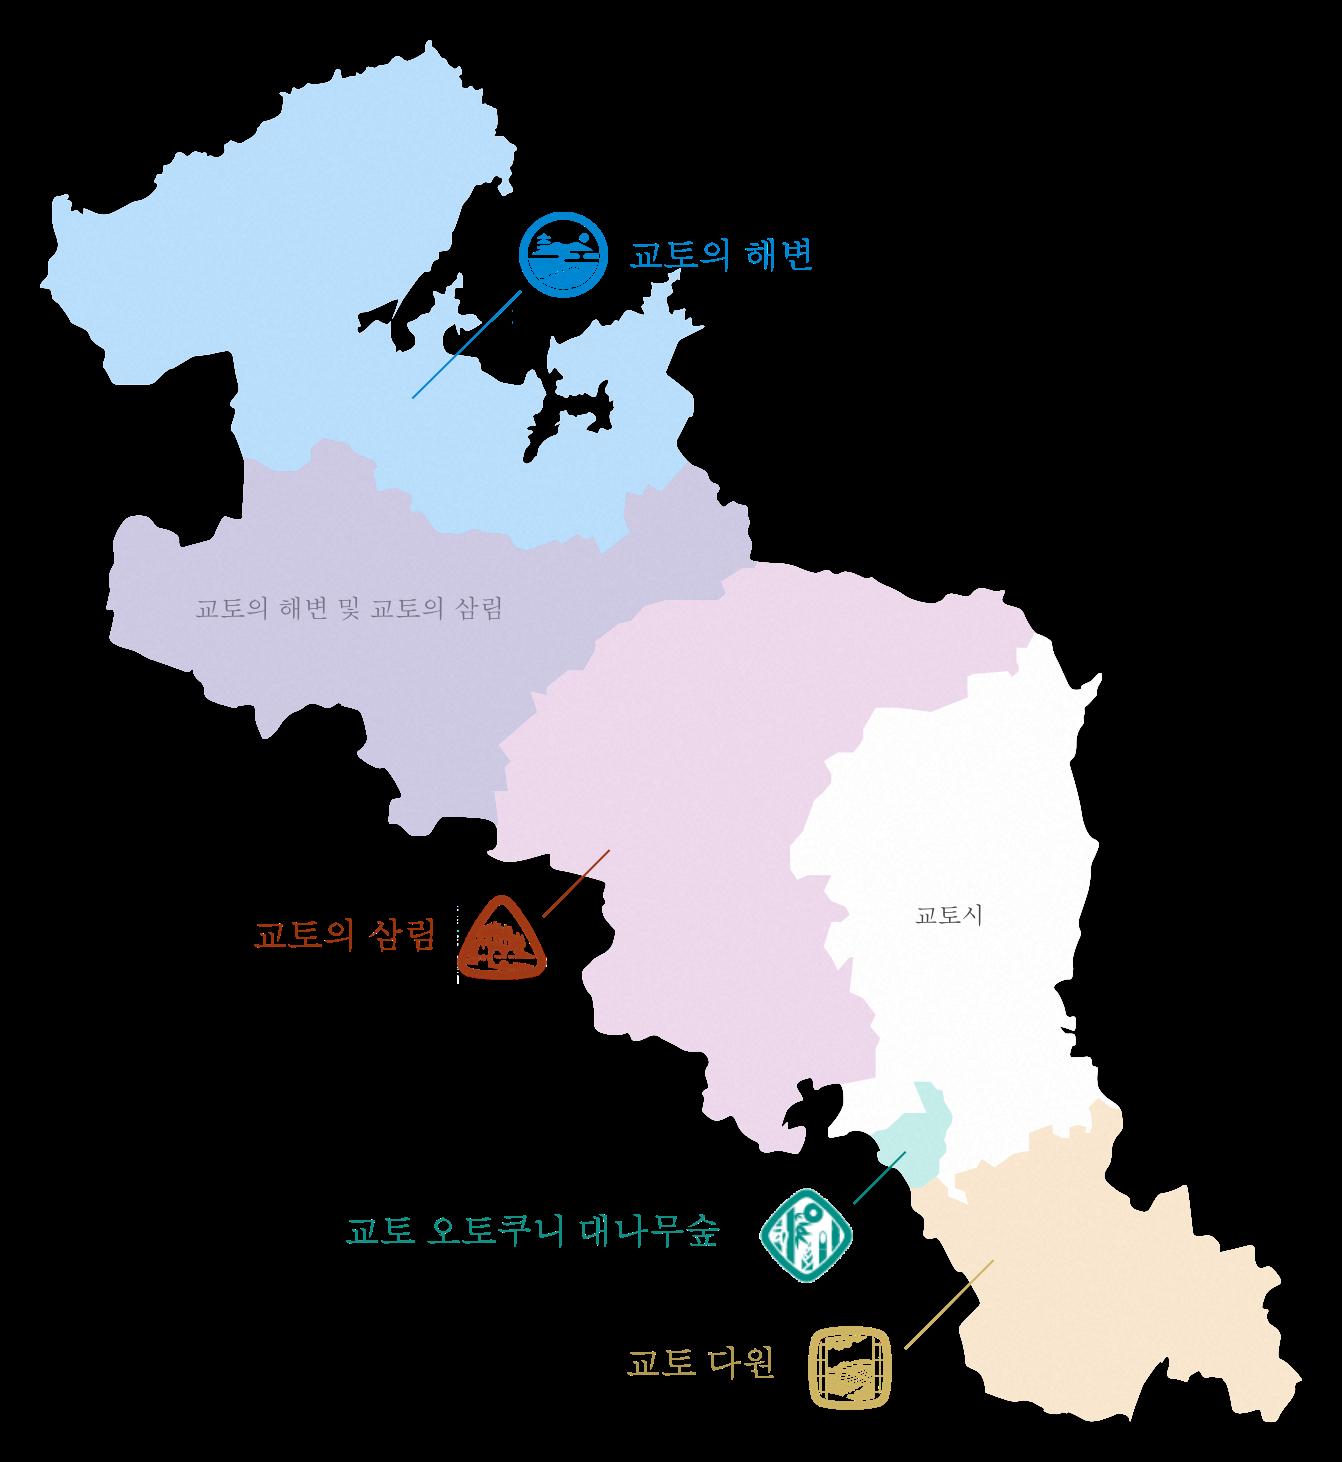 교토 지도로 보는 각 지역의 위치도